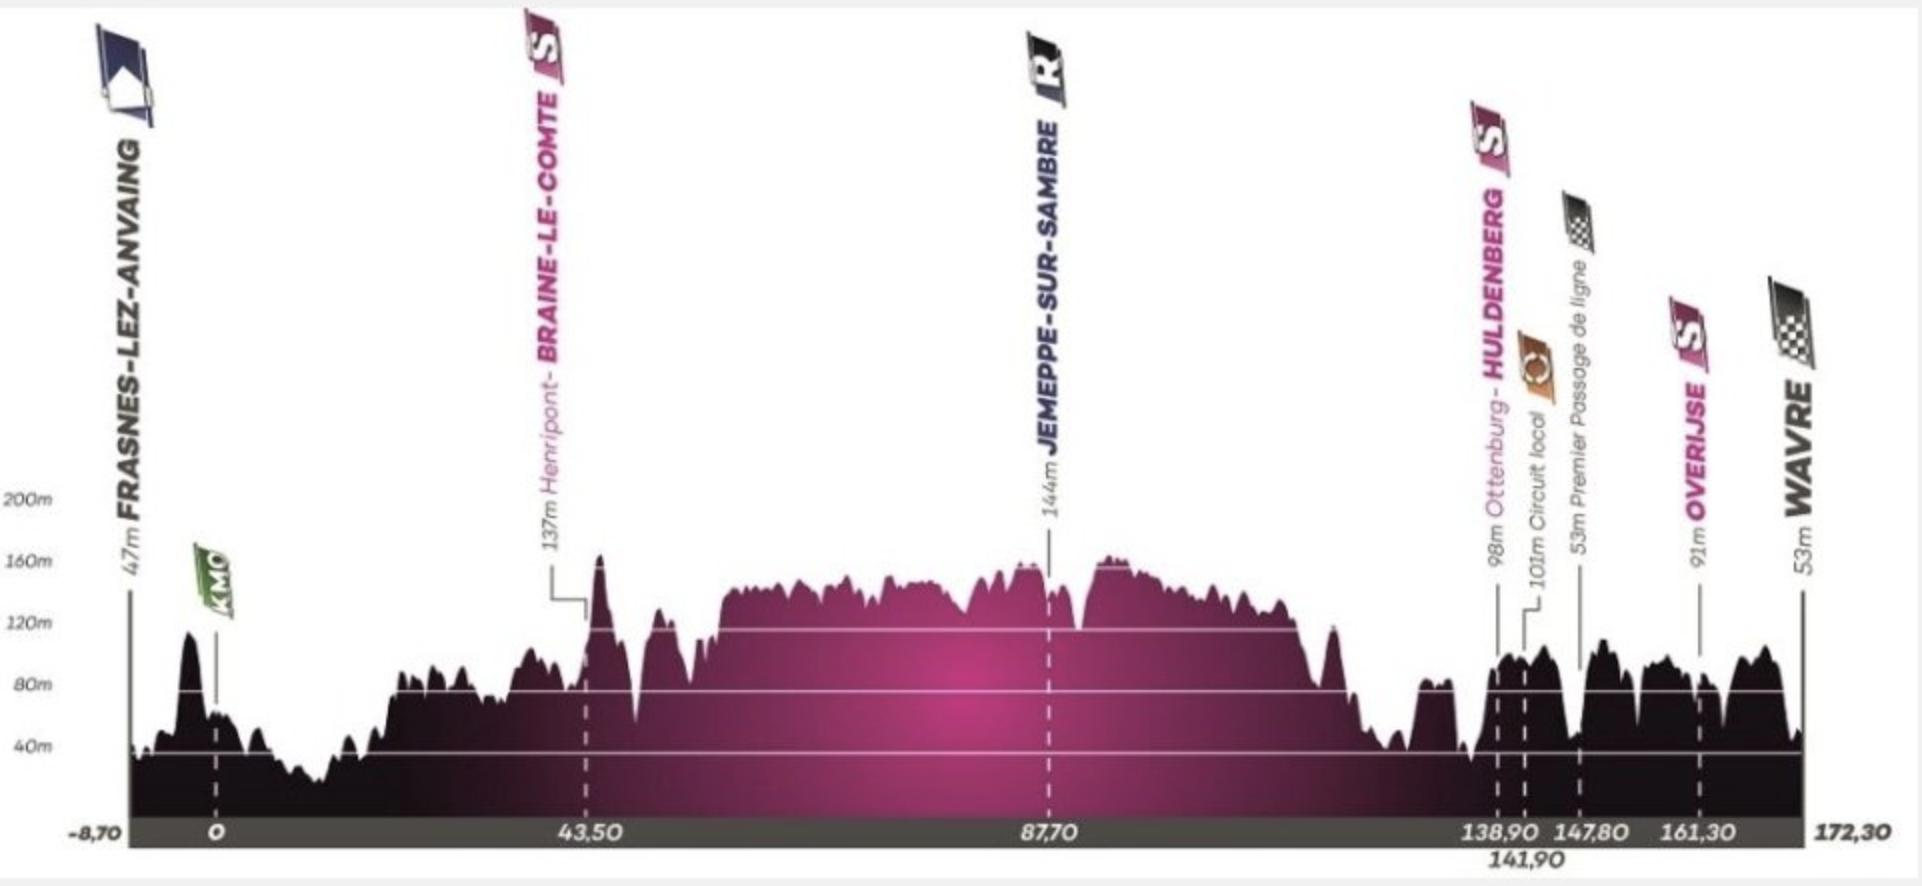 Tour de Wallonie 2020 stage 2